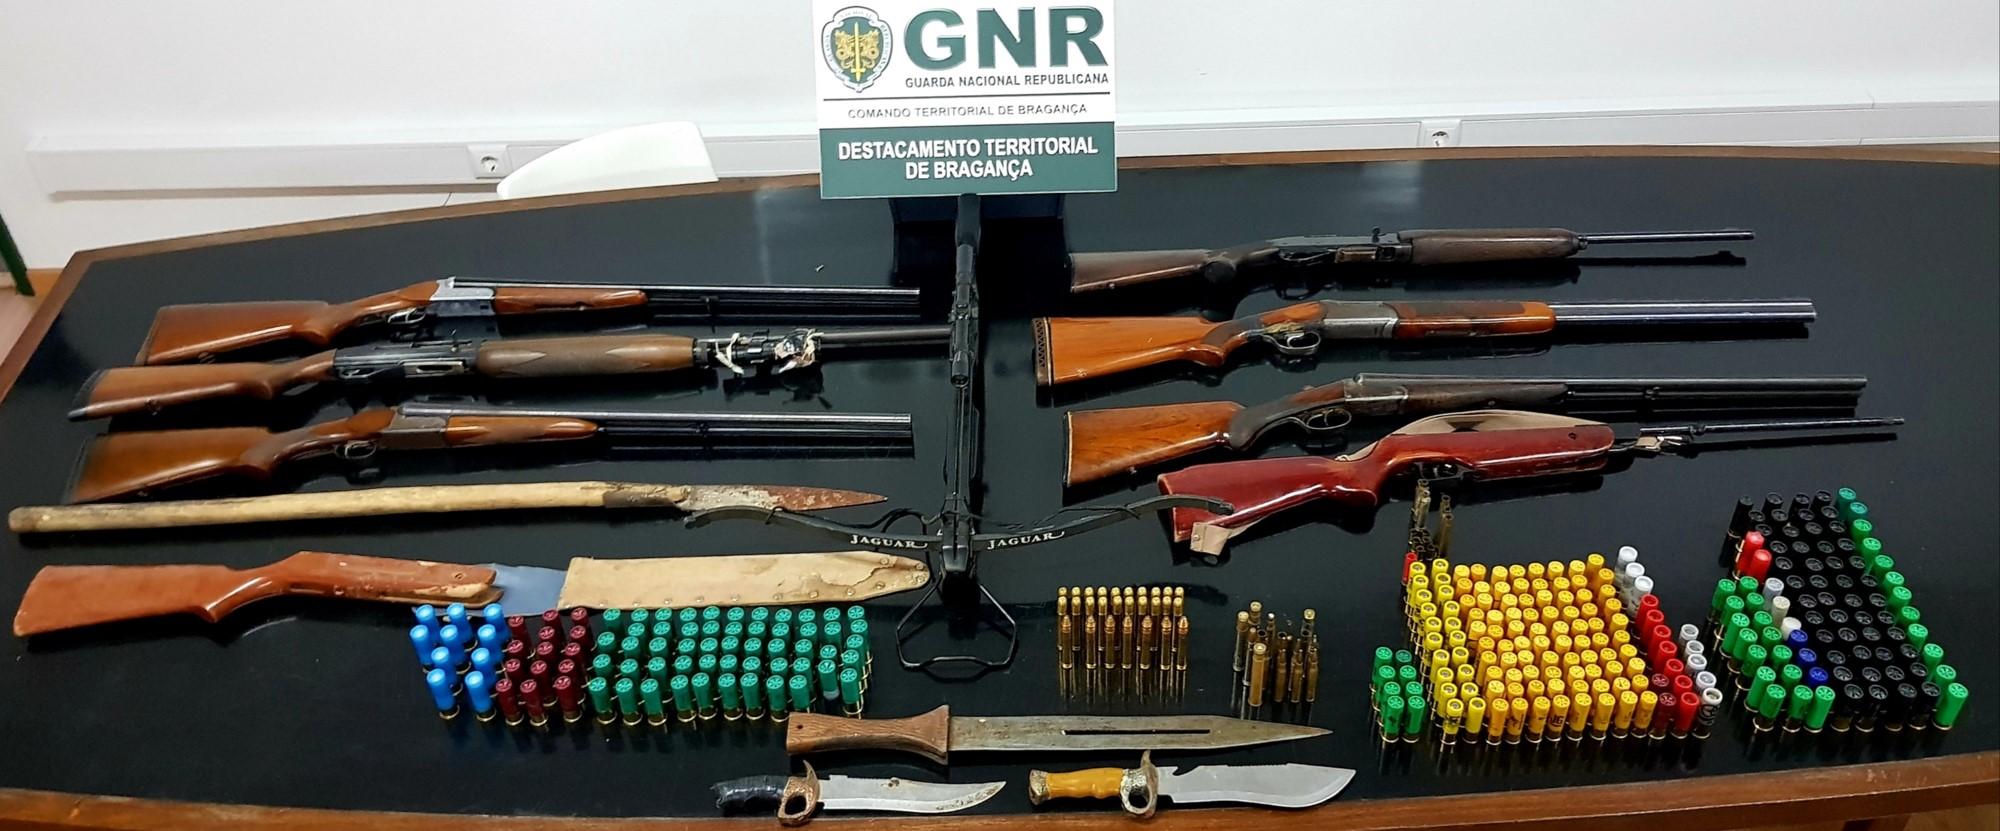 Homem detido em Macedo de Cavaleiros por posse ilegal de armas